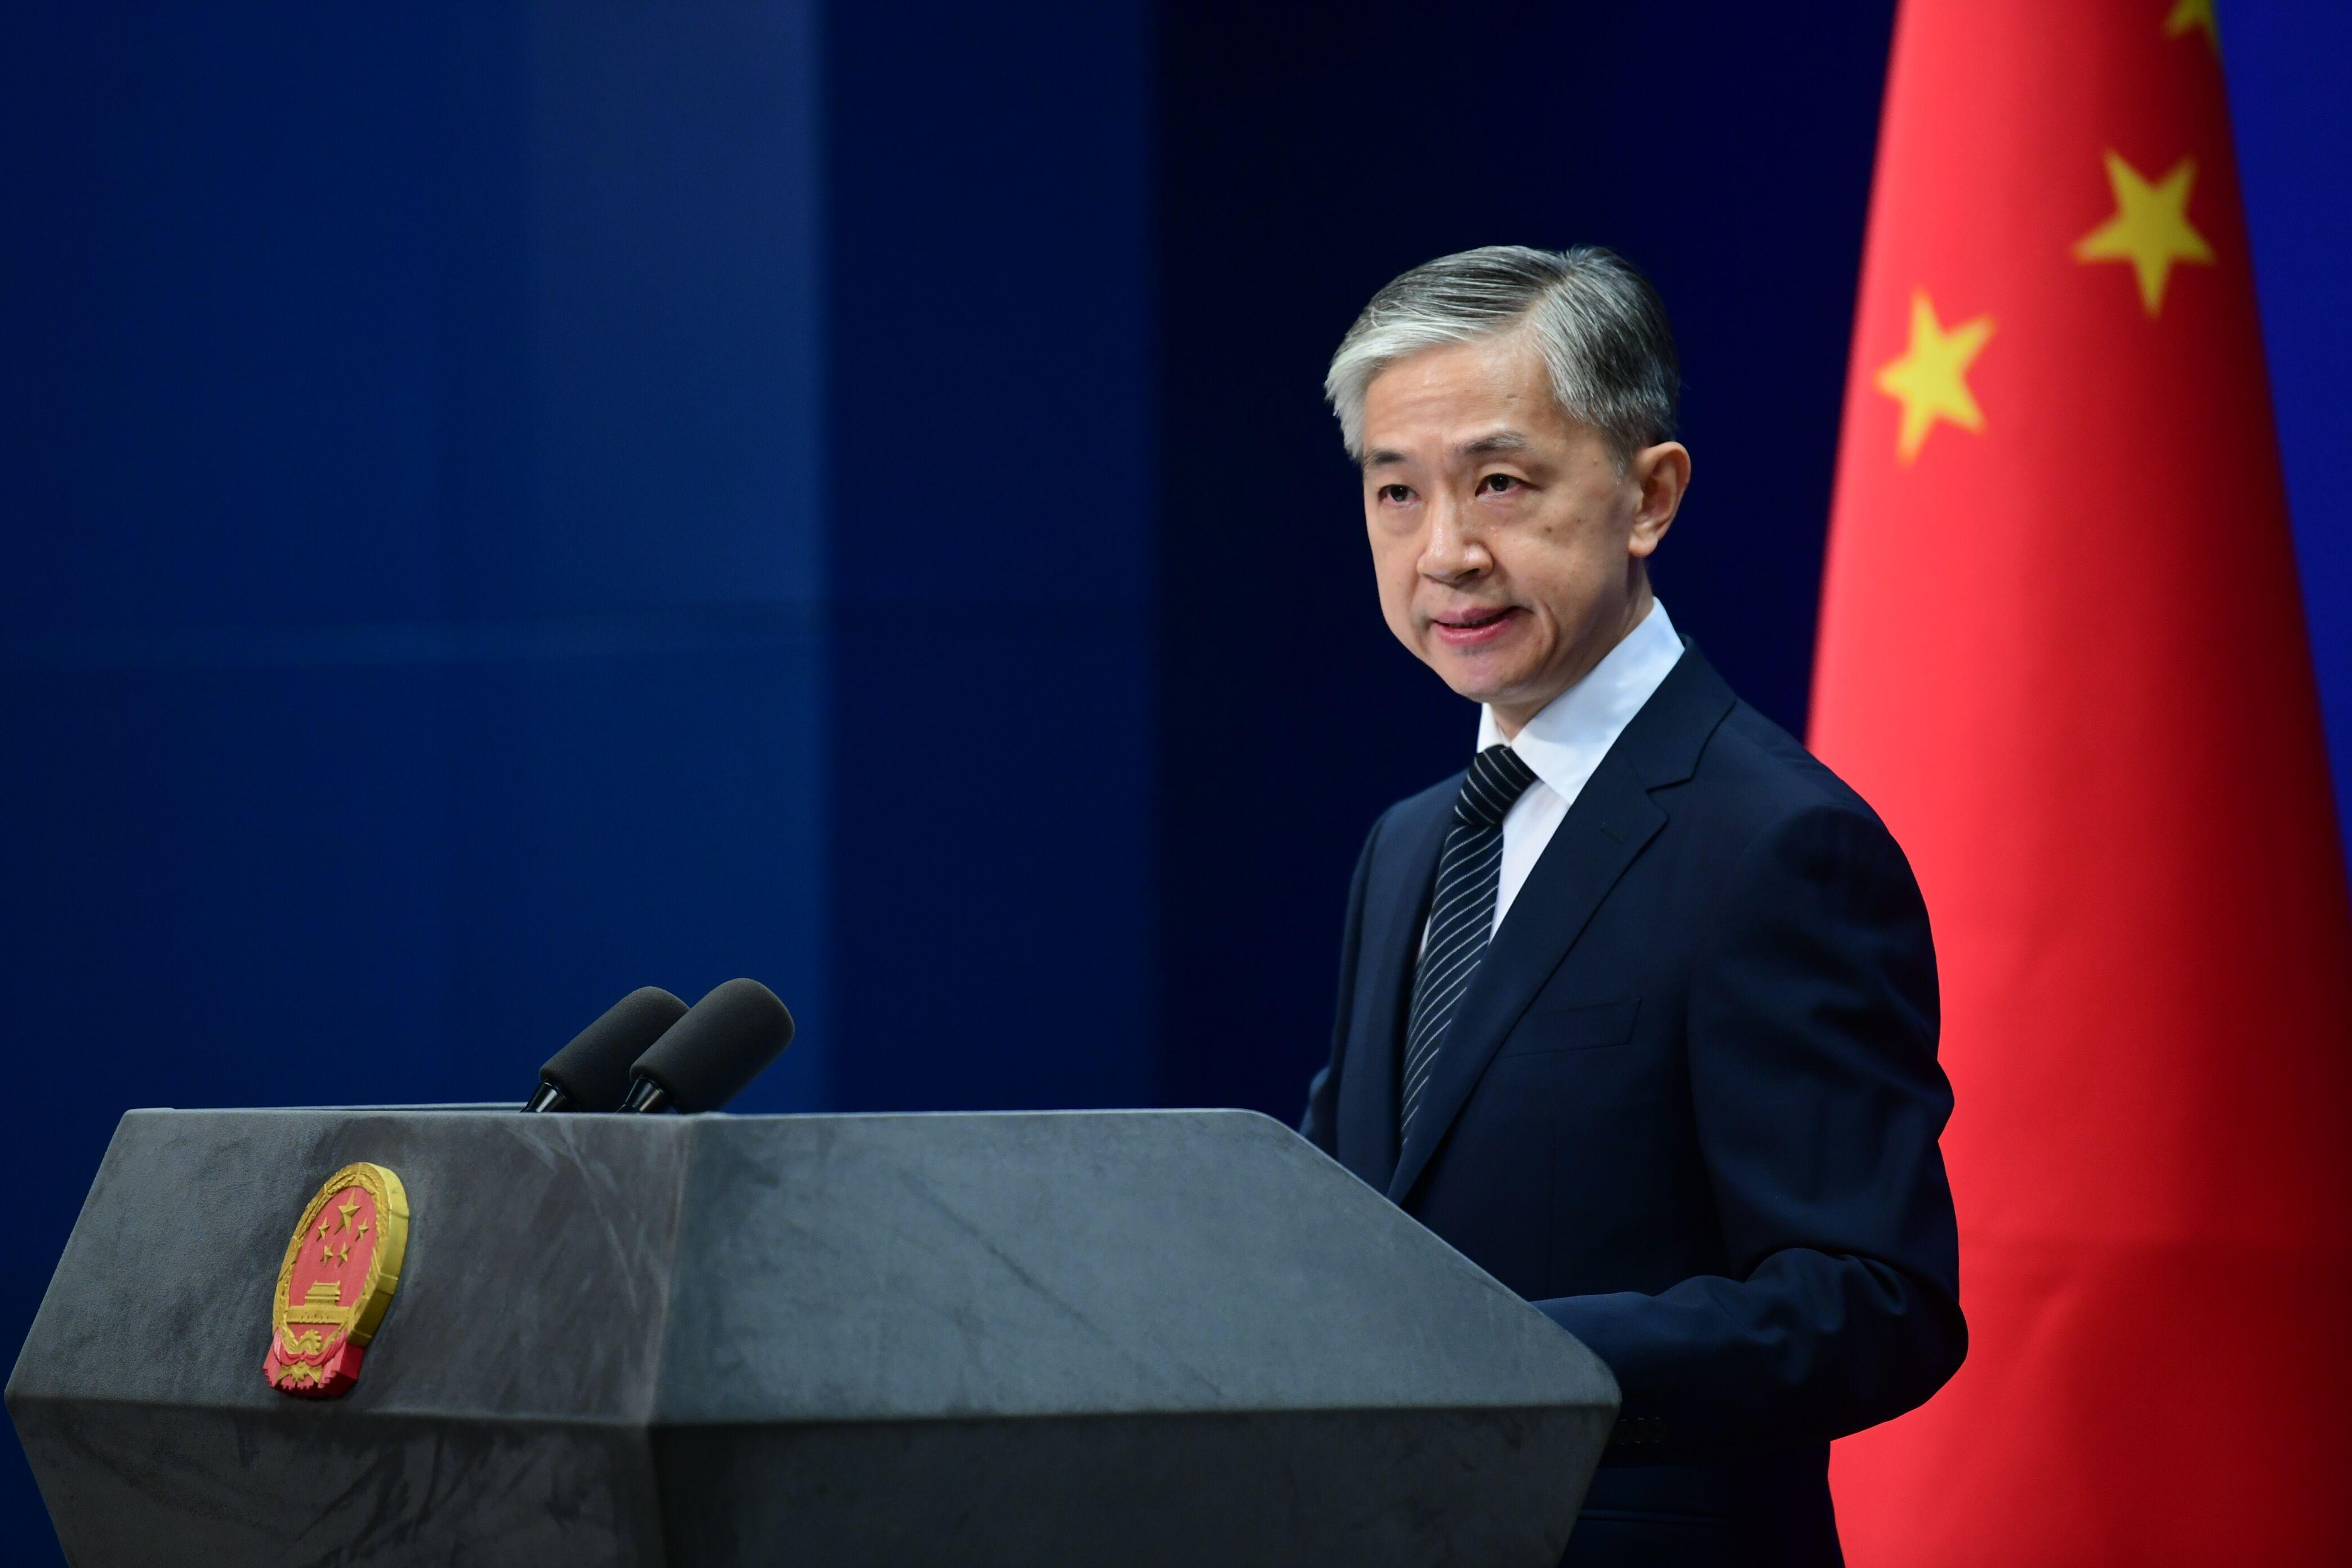 外交部:中方愿继续同包括美方在内的世界各国共同努力,争取早日战胜疫情